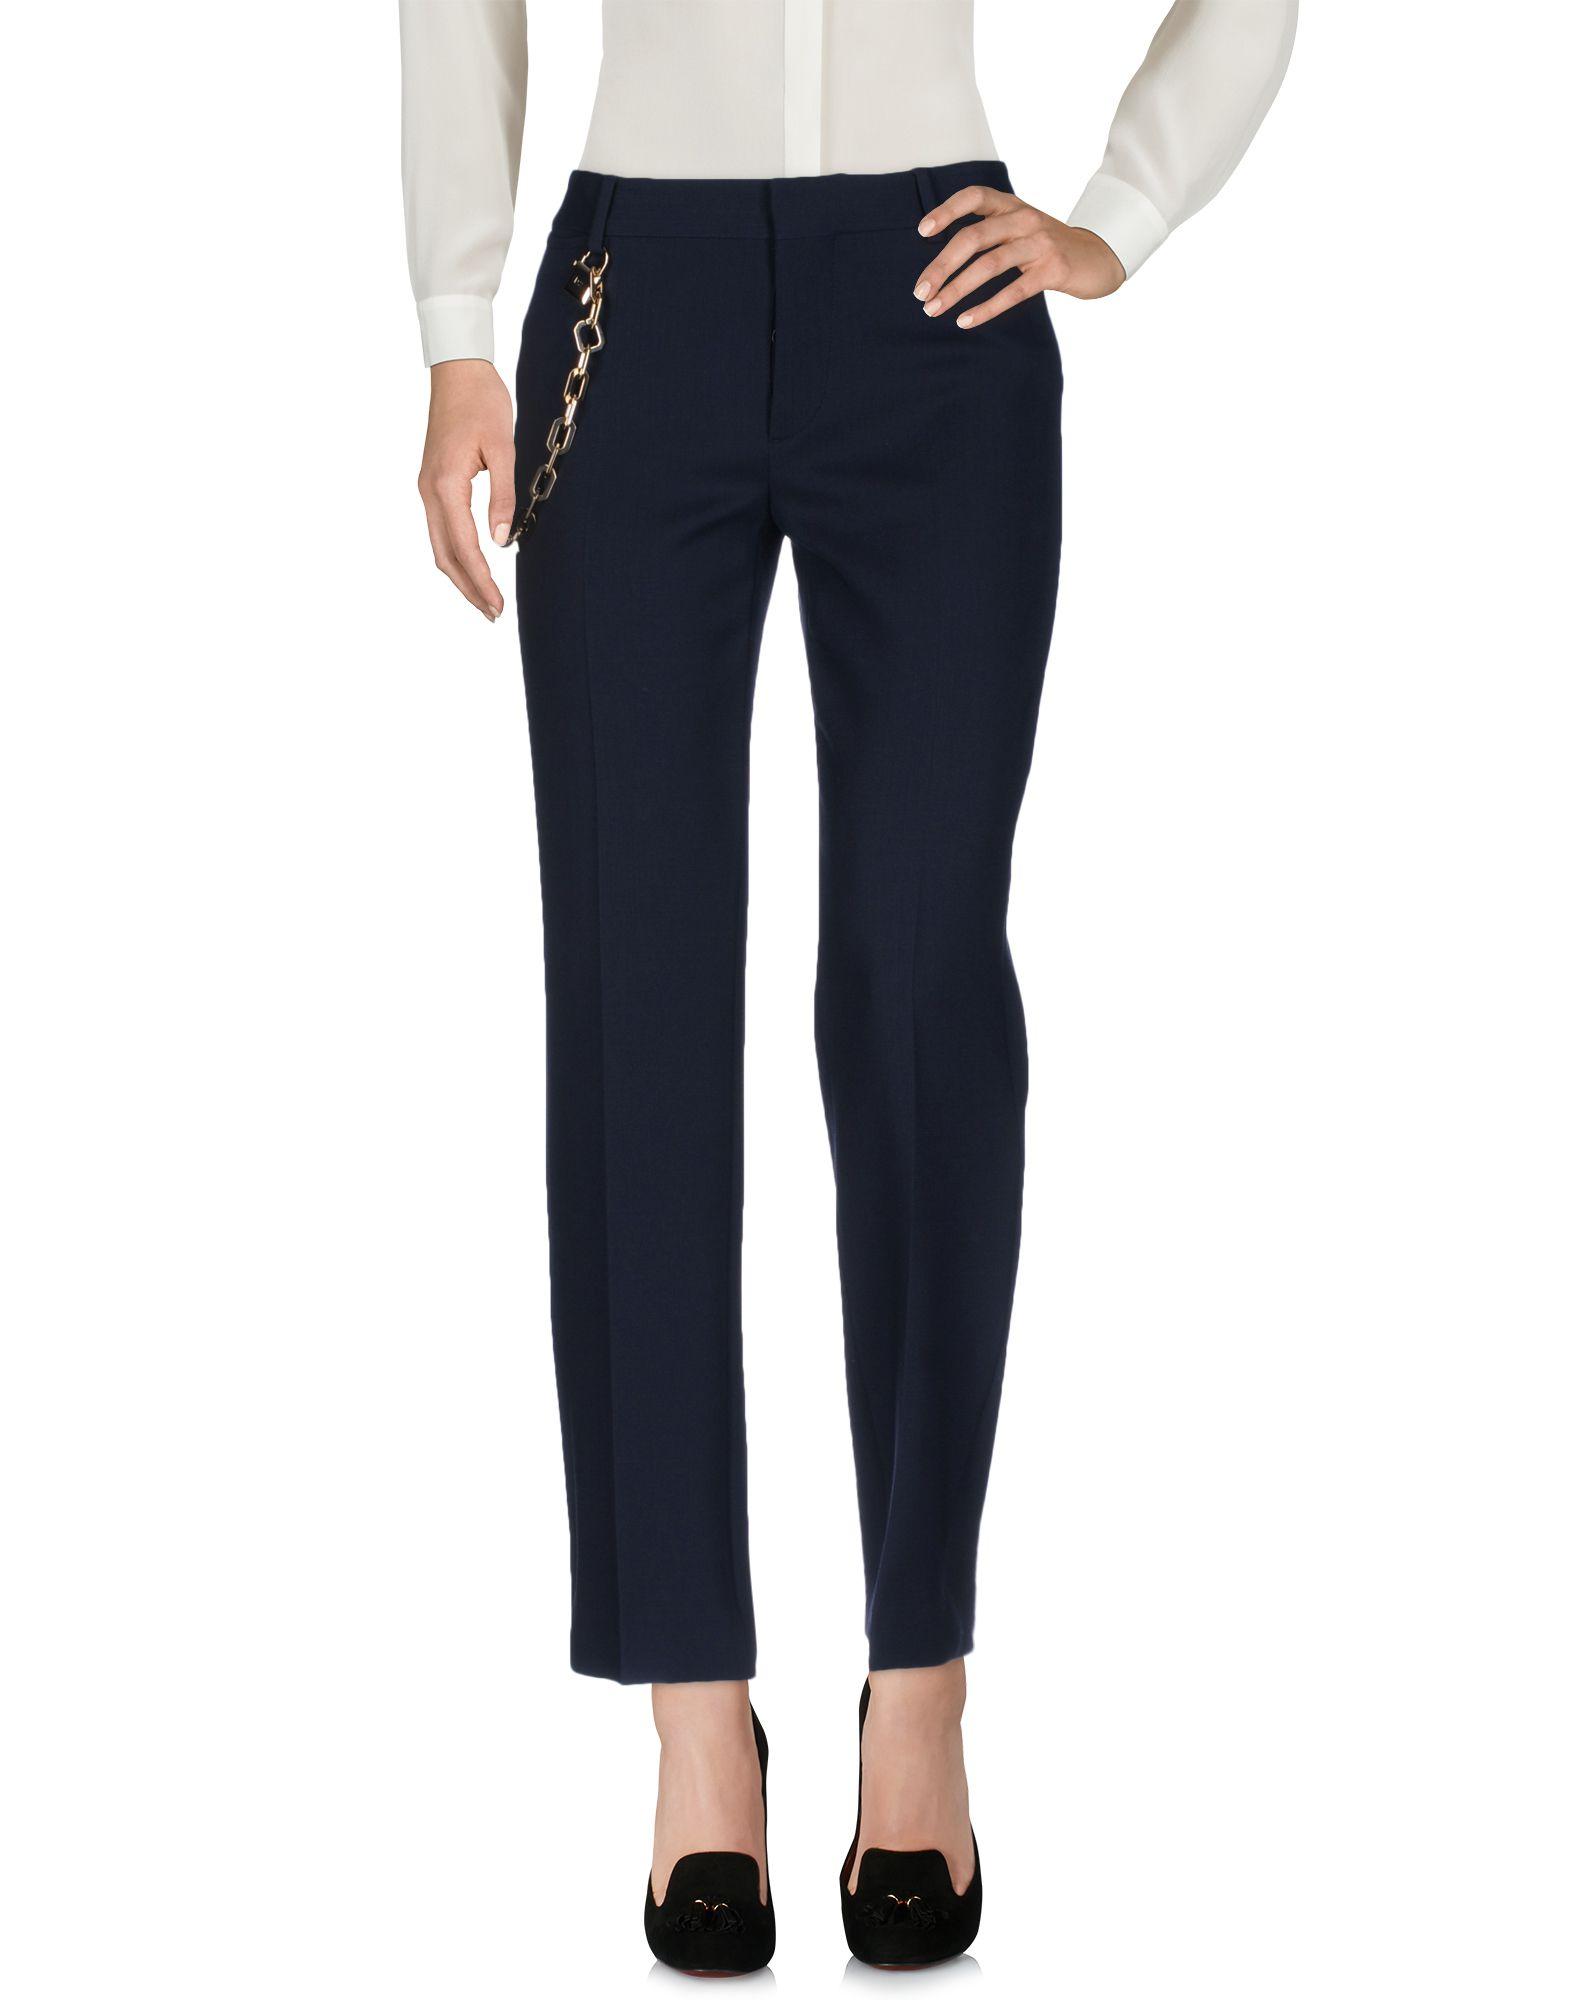 Pantalone Dsquared2 Donna - Acquista online su zOZIOJcQn7